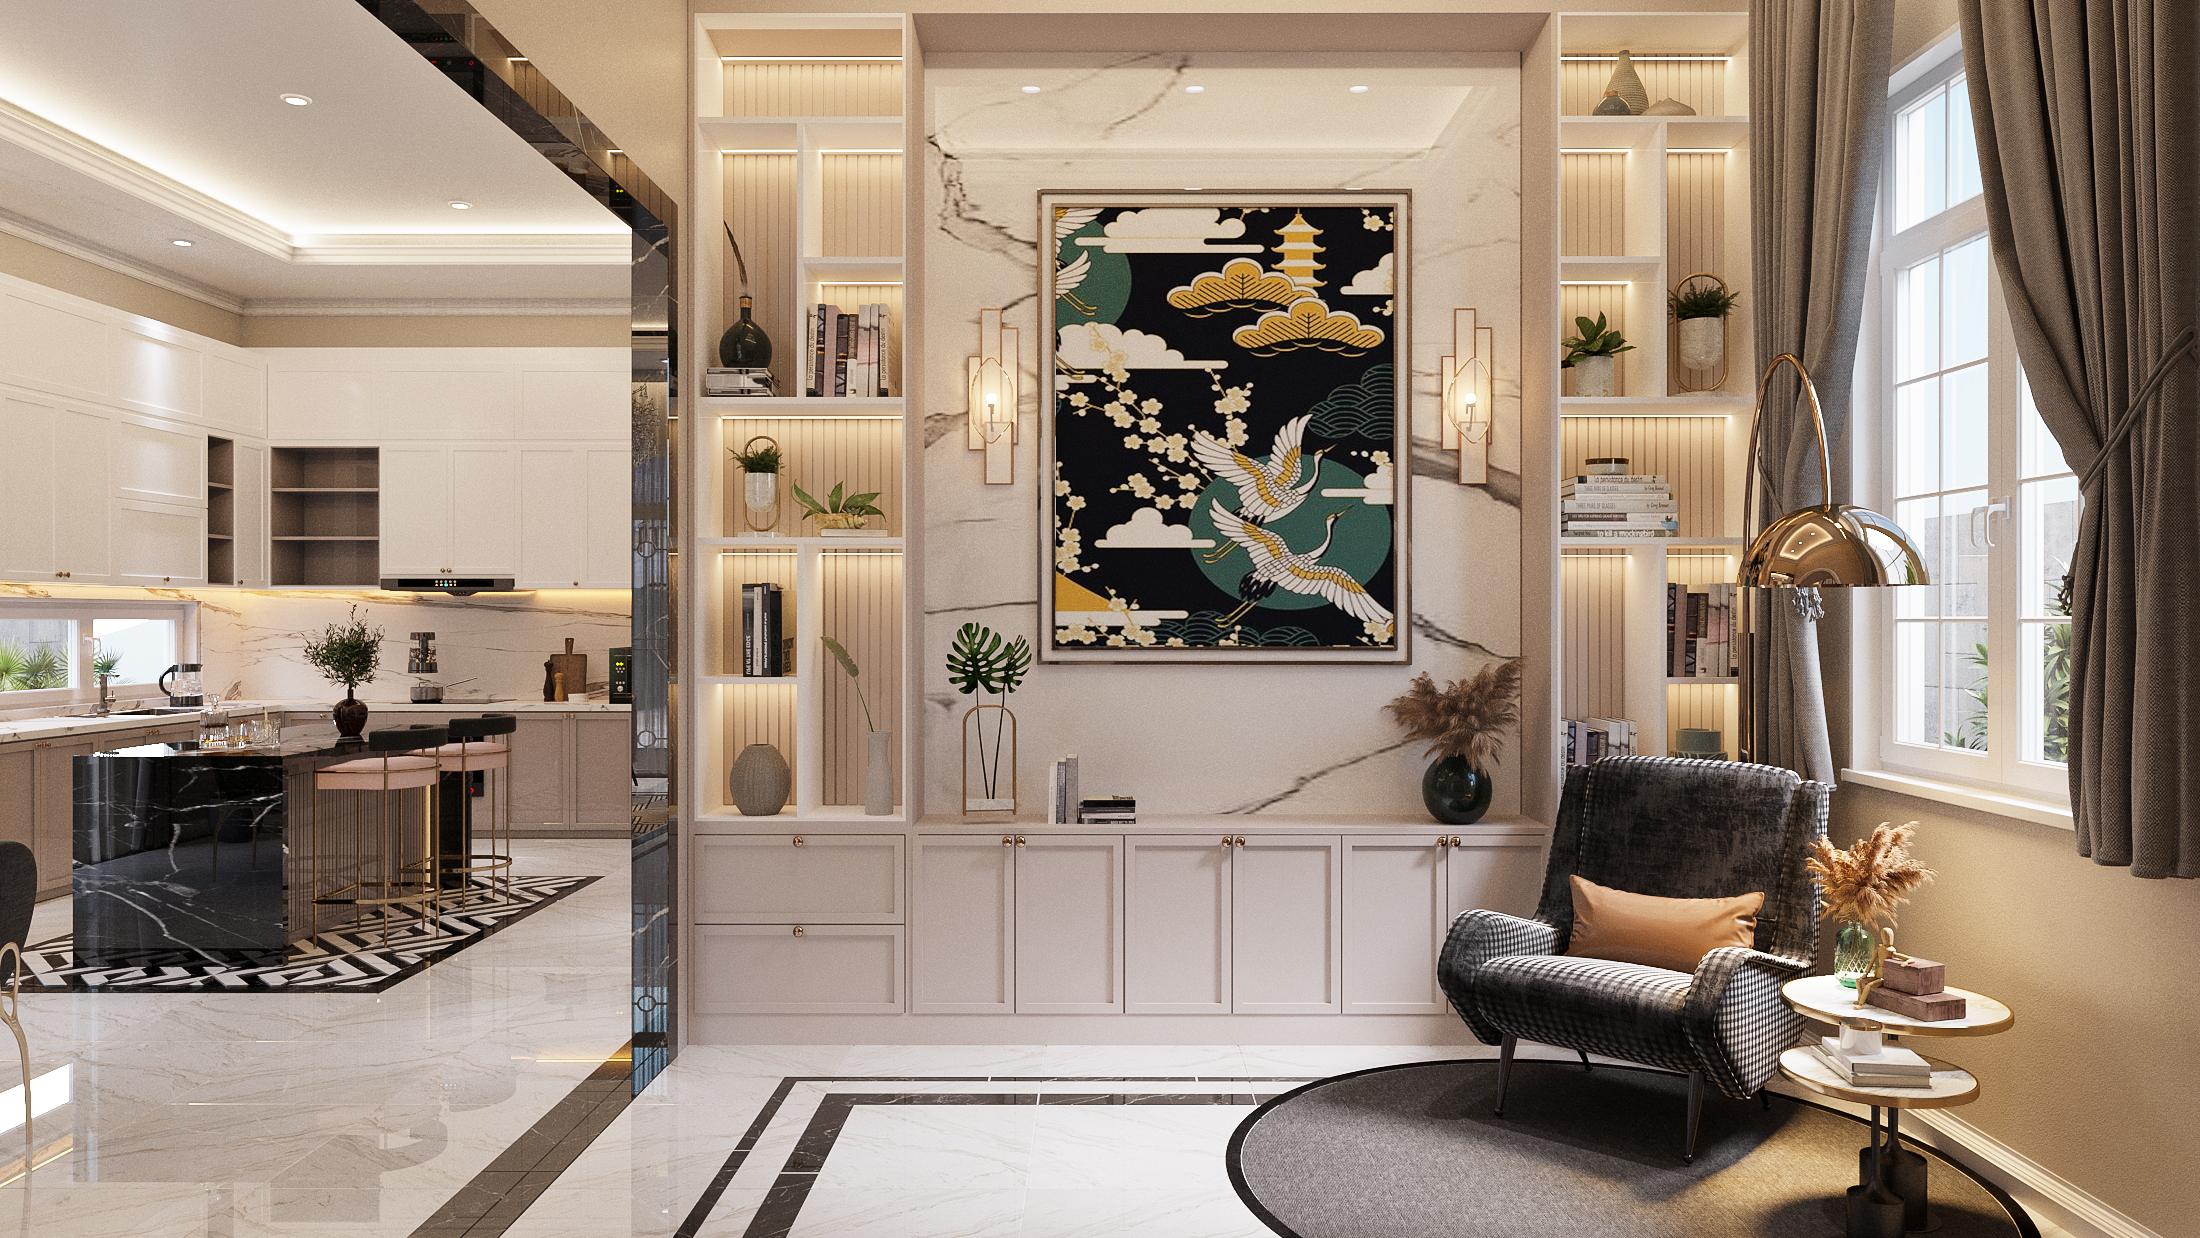 Thiết kế nội thất Biệt Thự tại Hồ Chí Minh NEO- CLASSICAL 1620877407 6